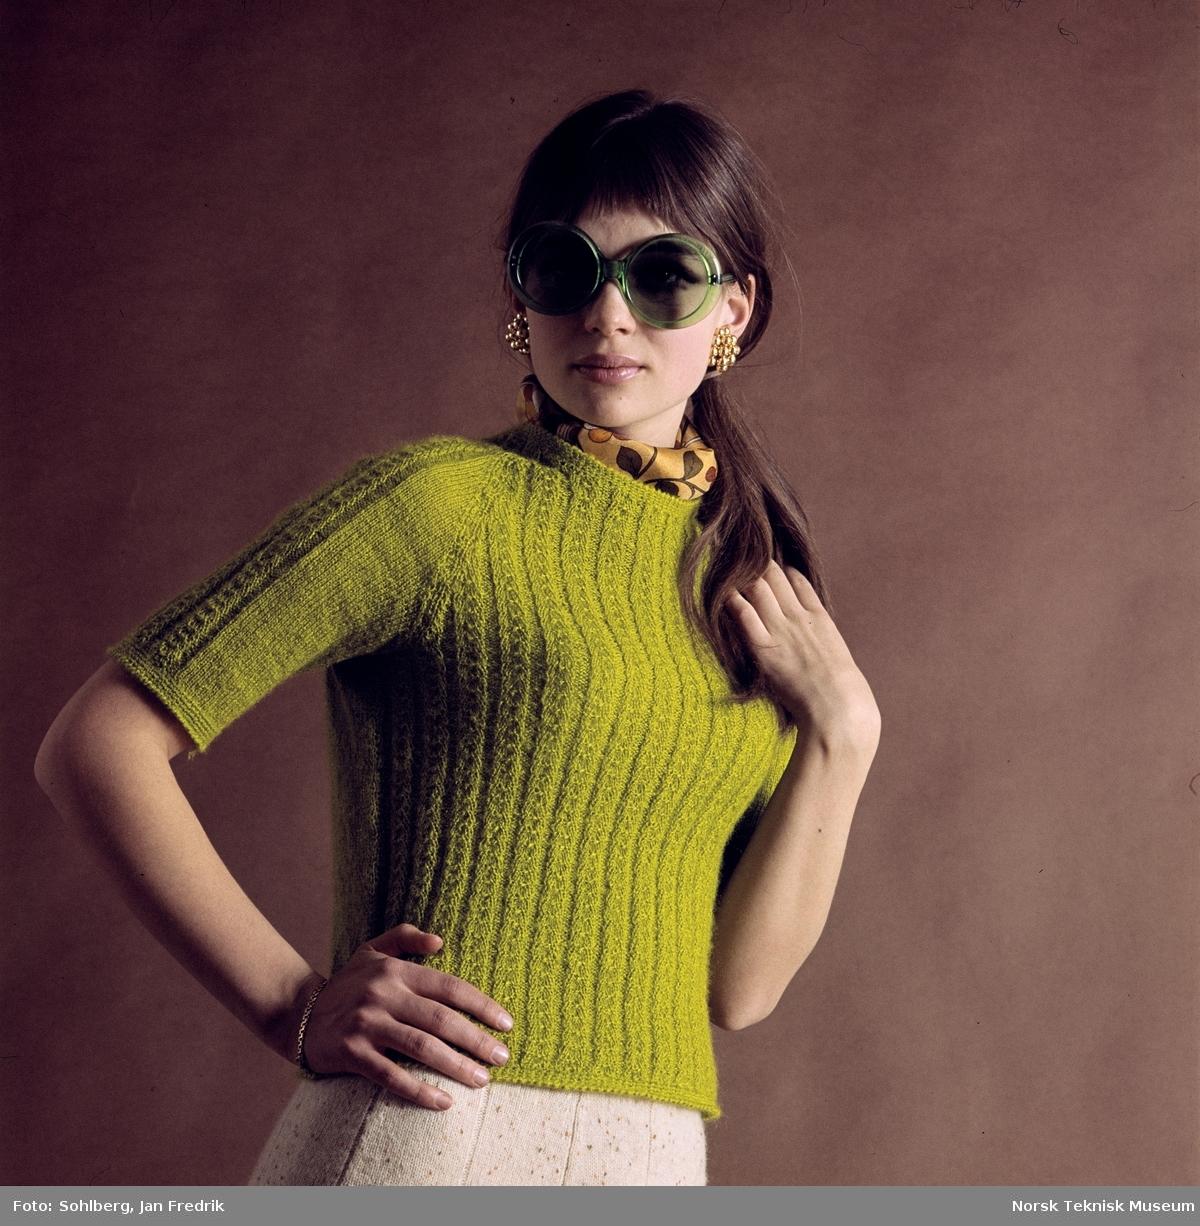 Kvinnelig modell med en grønn mønstret strikket topp med halvlange ermer.